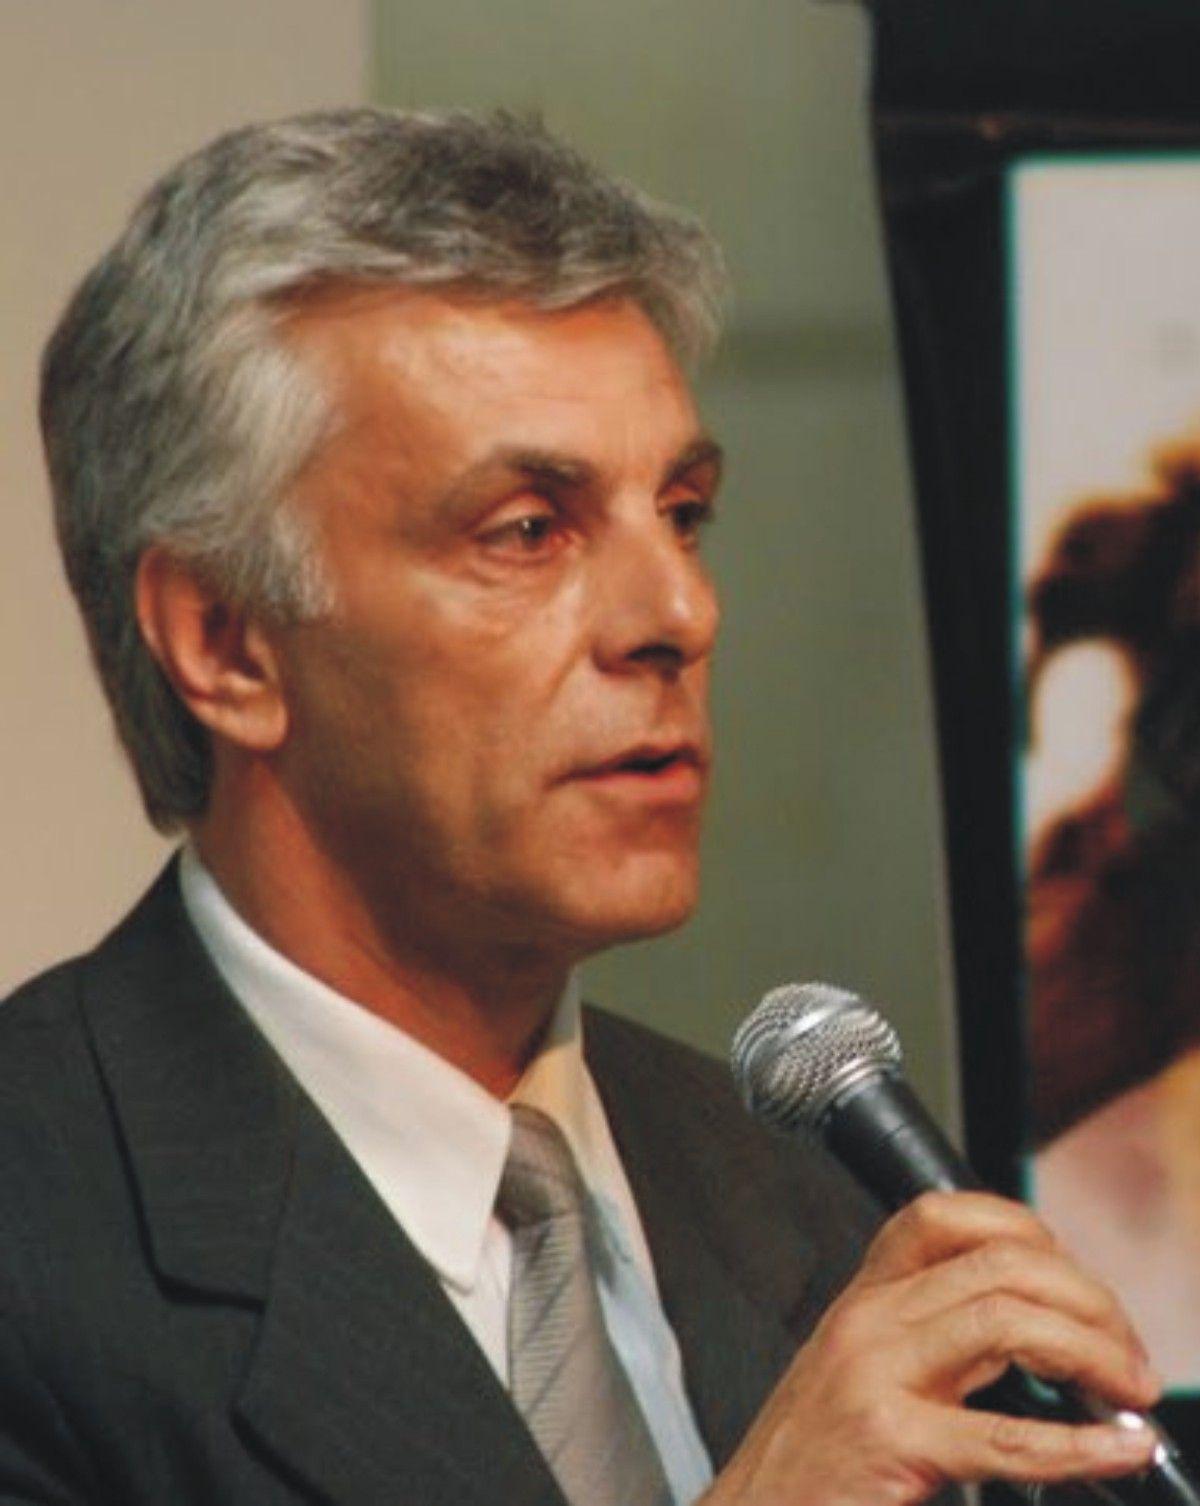 El tío del nieto de Carlotto: Se presentó voluntariamente a hacerse la prueba de ADN